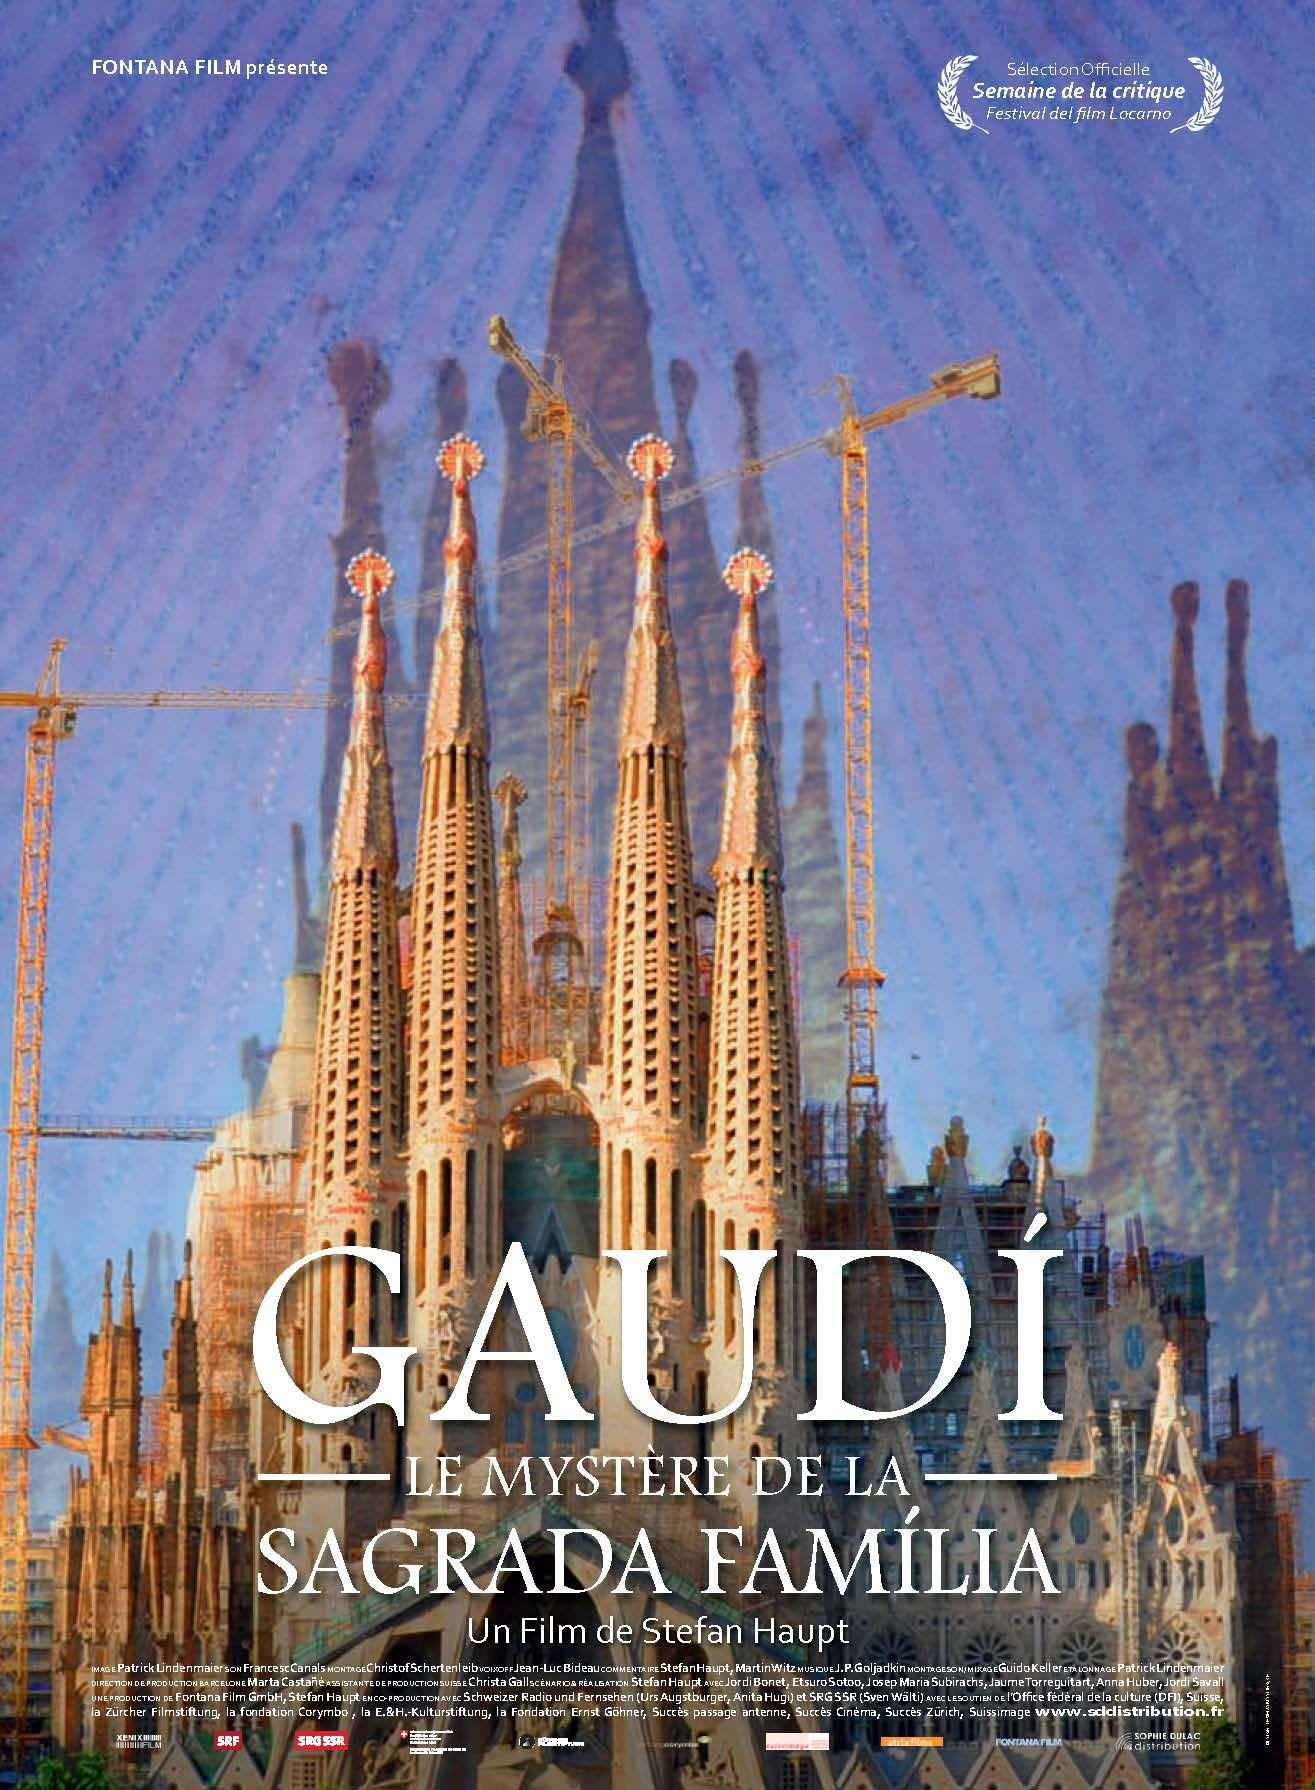 Gaudi, Le Mystère de la Sagrada Familia - Documentaire (2014)